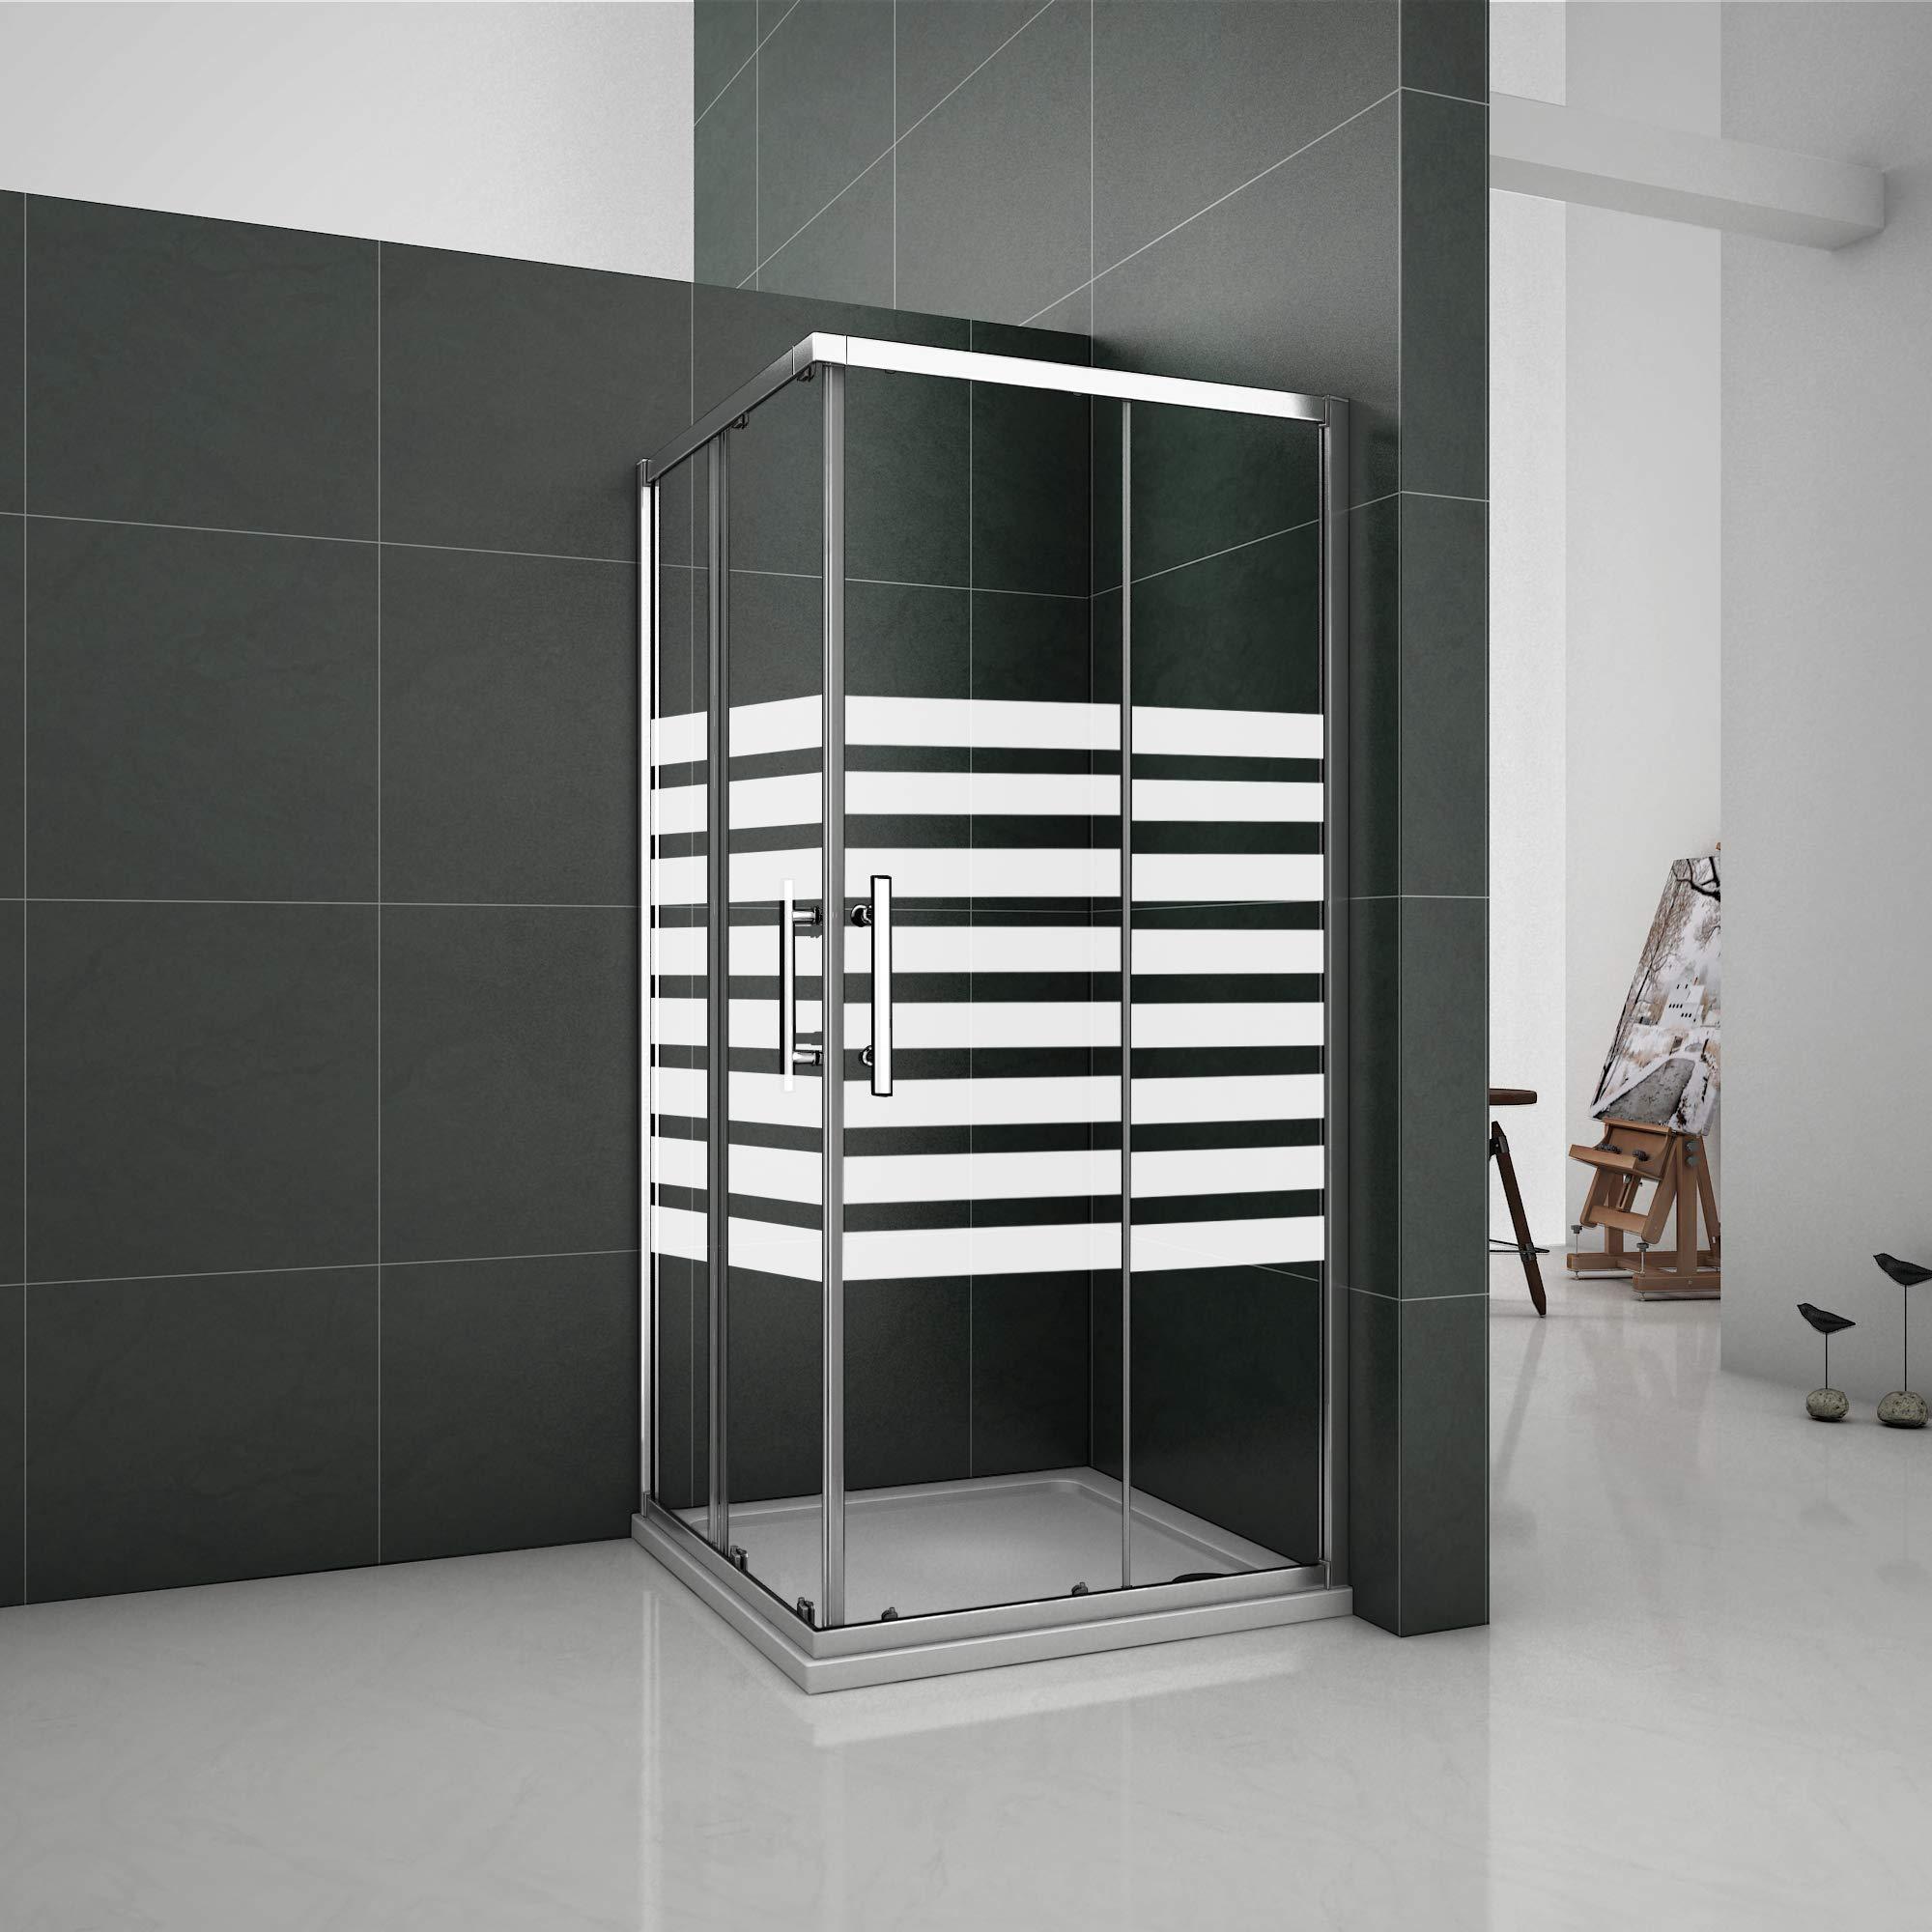 Puertas Correderas 80x80x195cm Mampara de ducha Angular 6mm Serigrafiado - 2 Fijas + 2 Correderas: Amazon.es: Bricolaje y herramientas